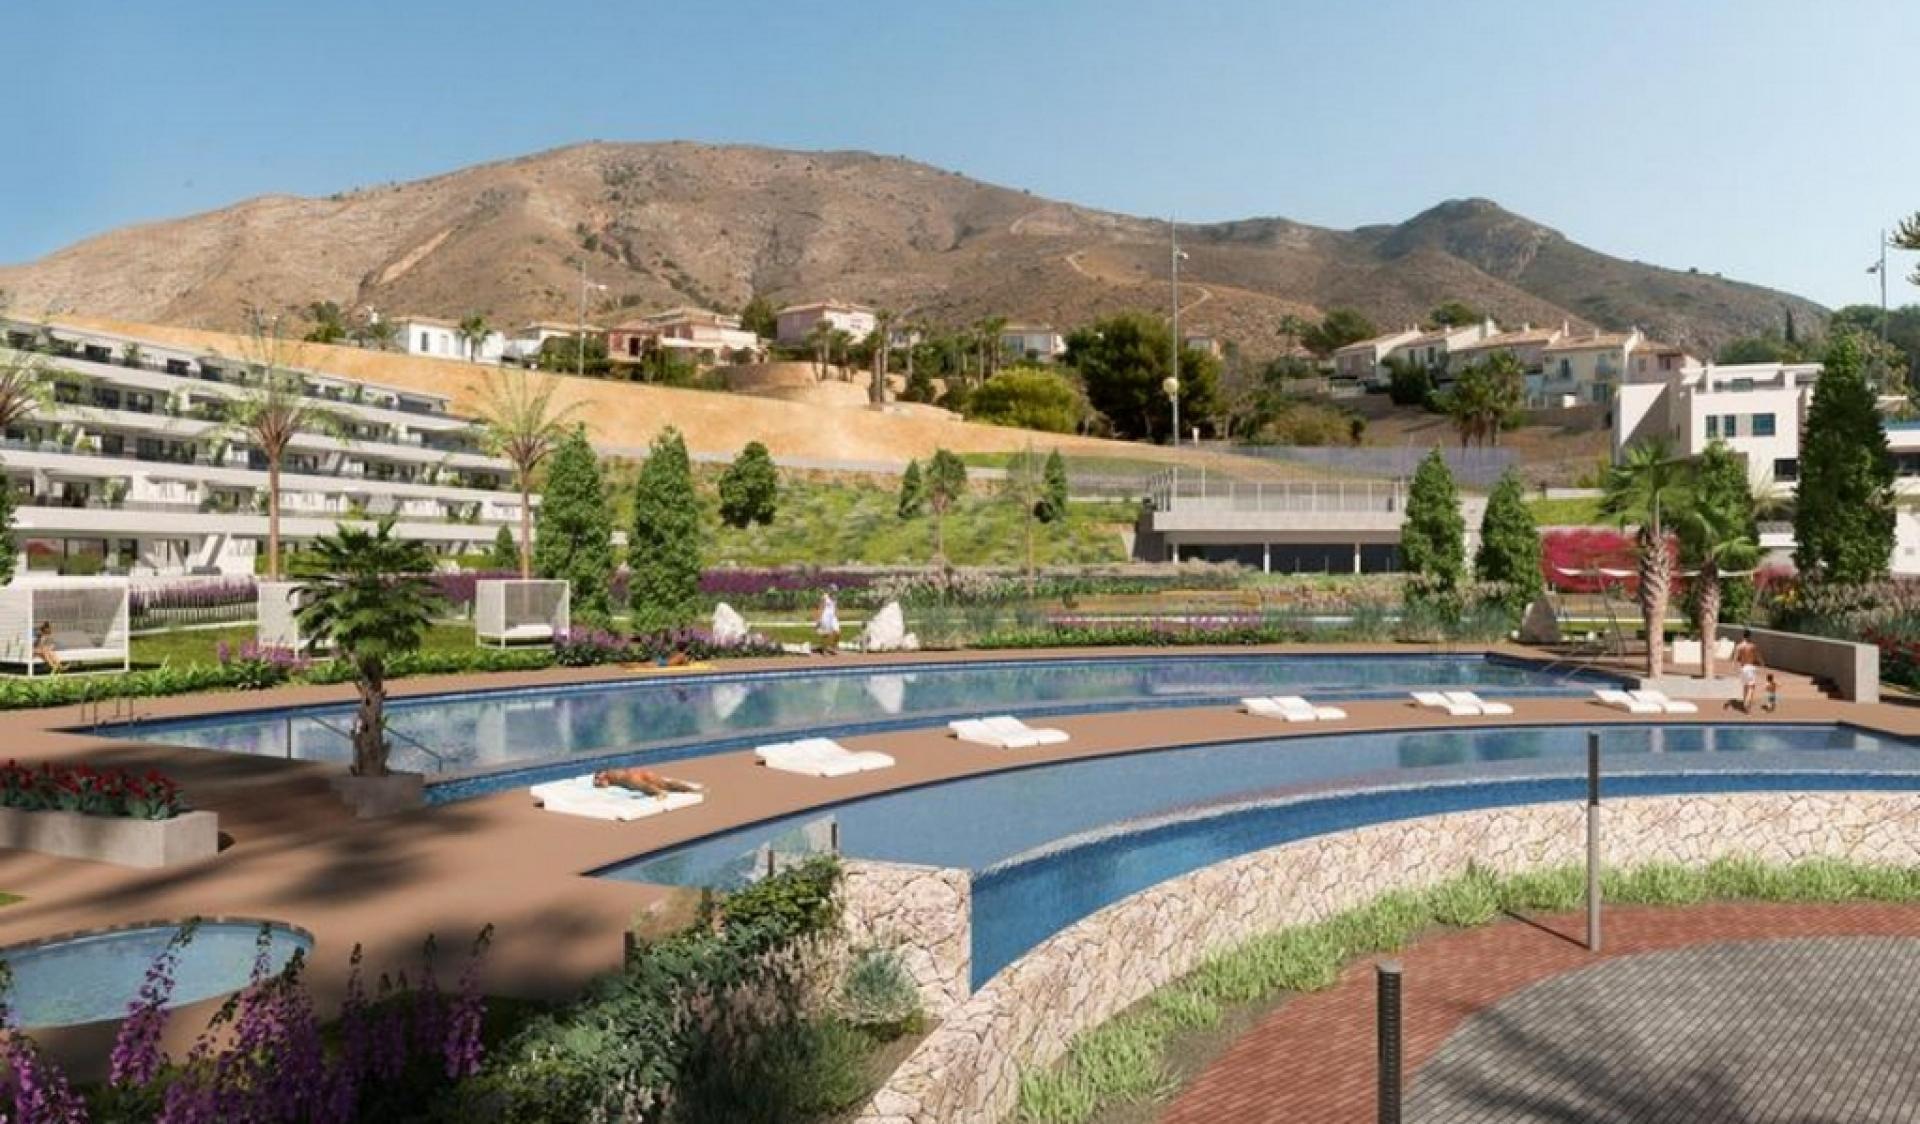 SeaScape resort - Finestrat, Benidorm - Costa Blanca